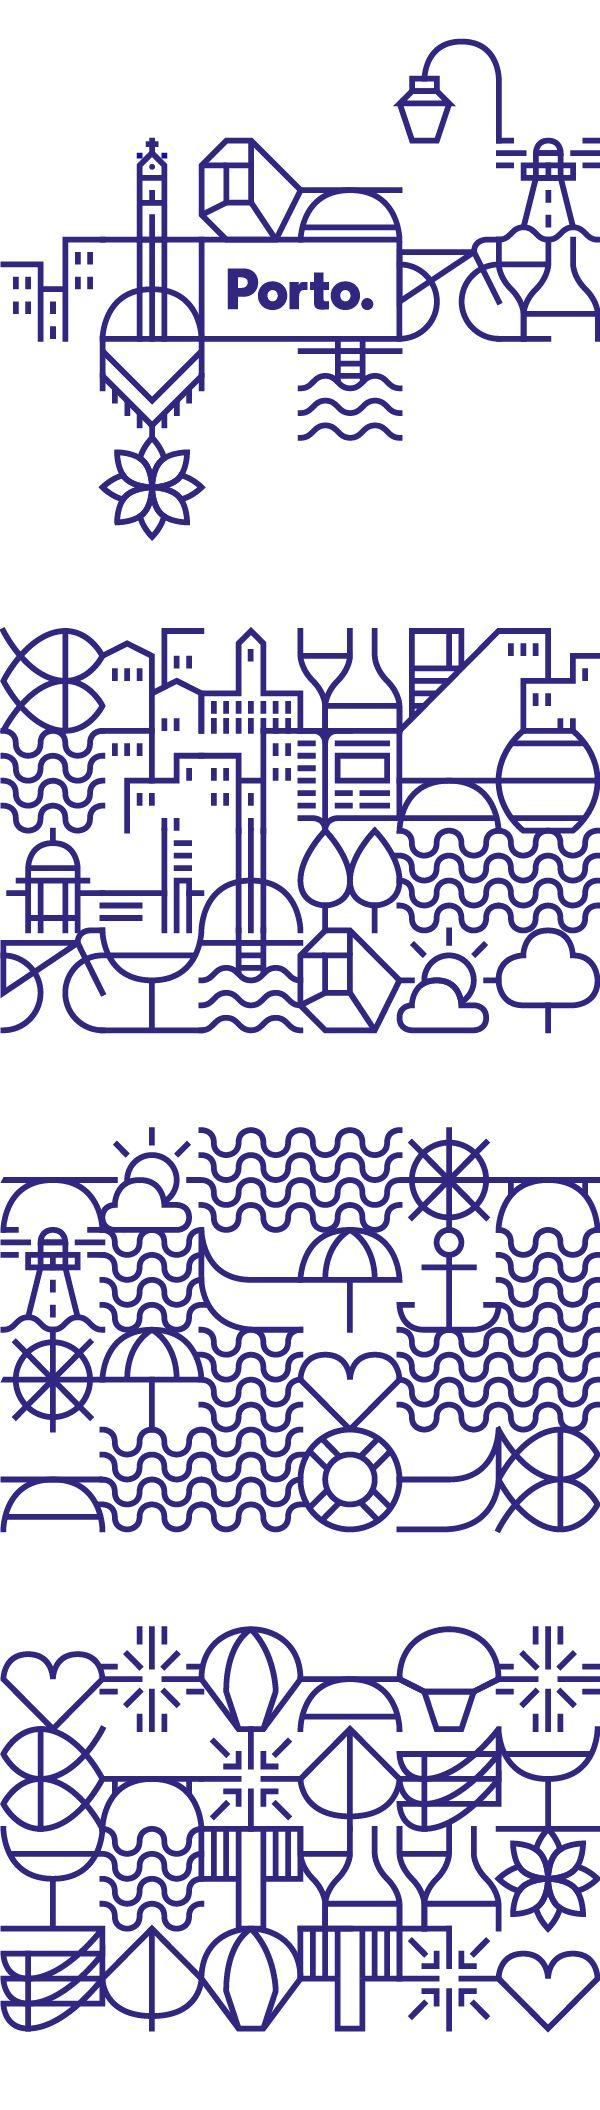 vi que já tinham postado sobre a marca do porto, aí achei essas ilustrações/padronagem (não sei como chamar) que fazem parte da identidade.